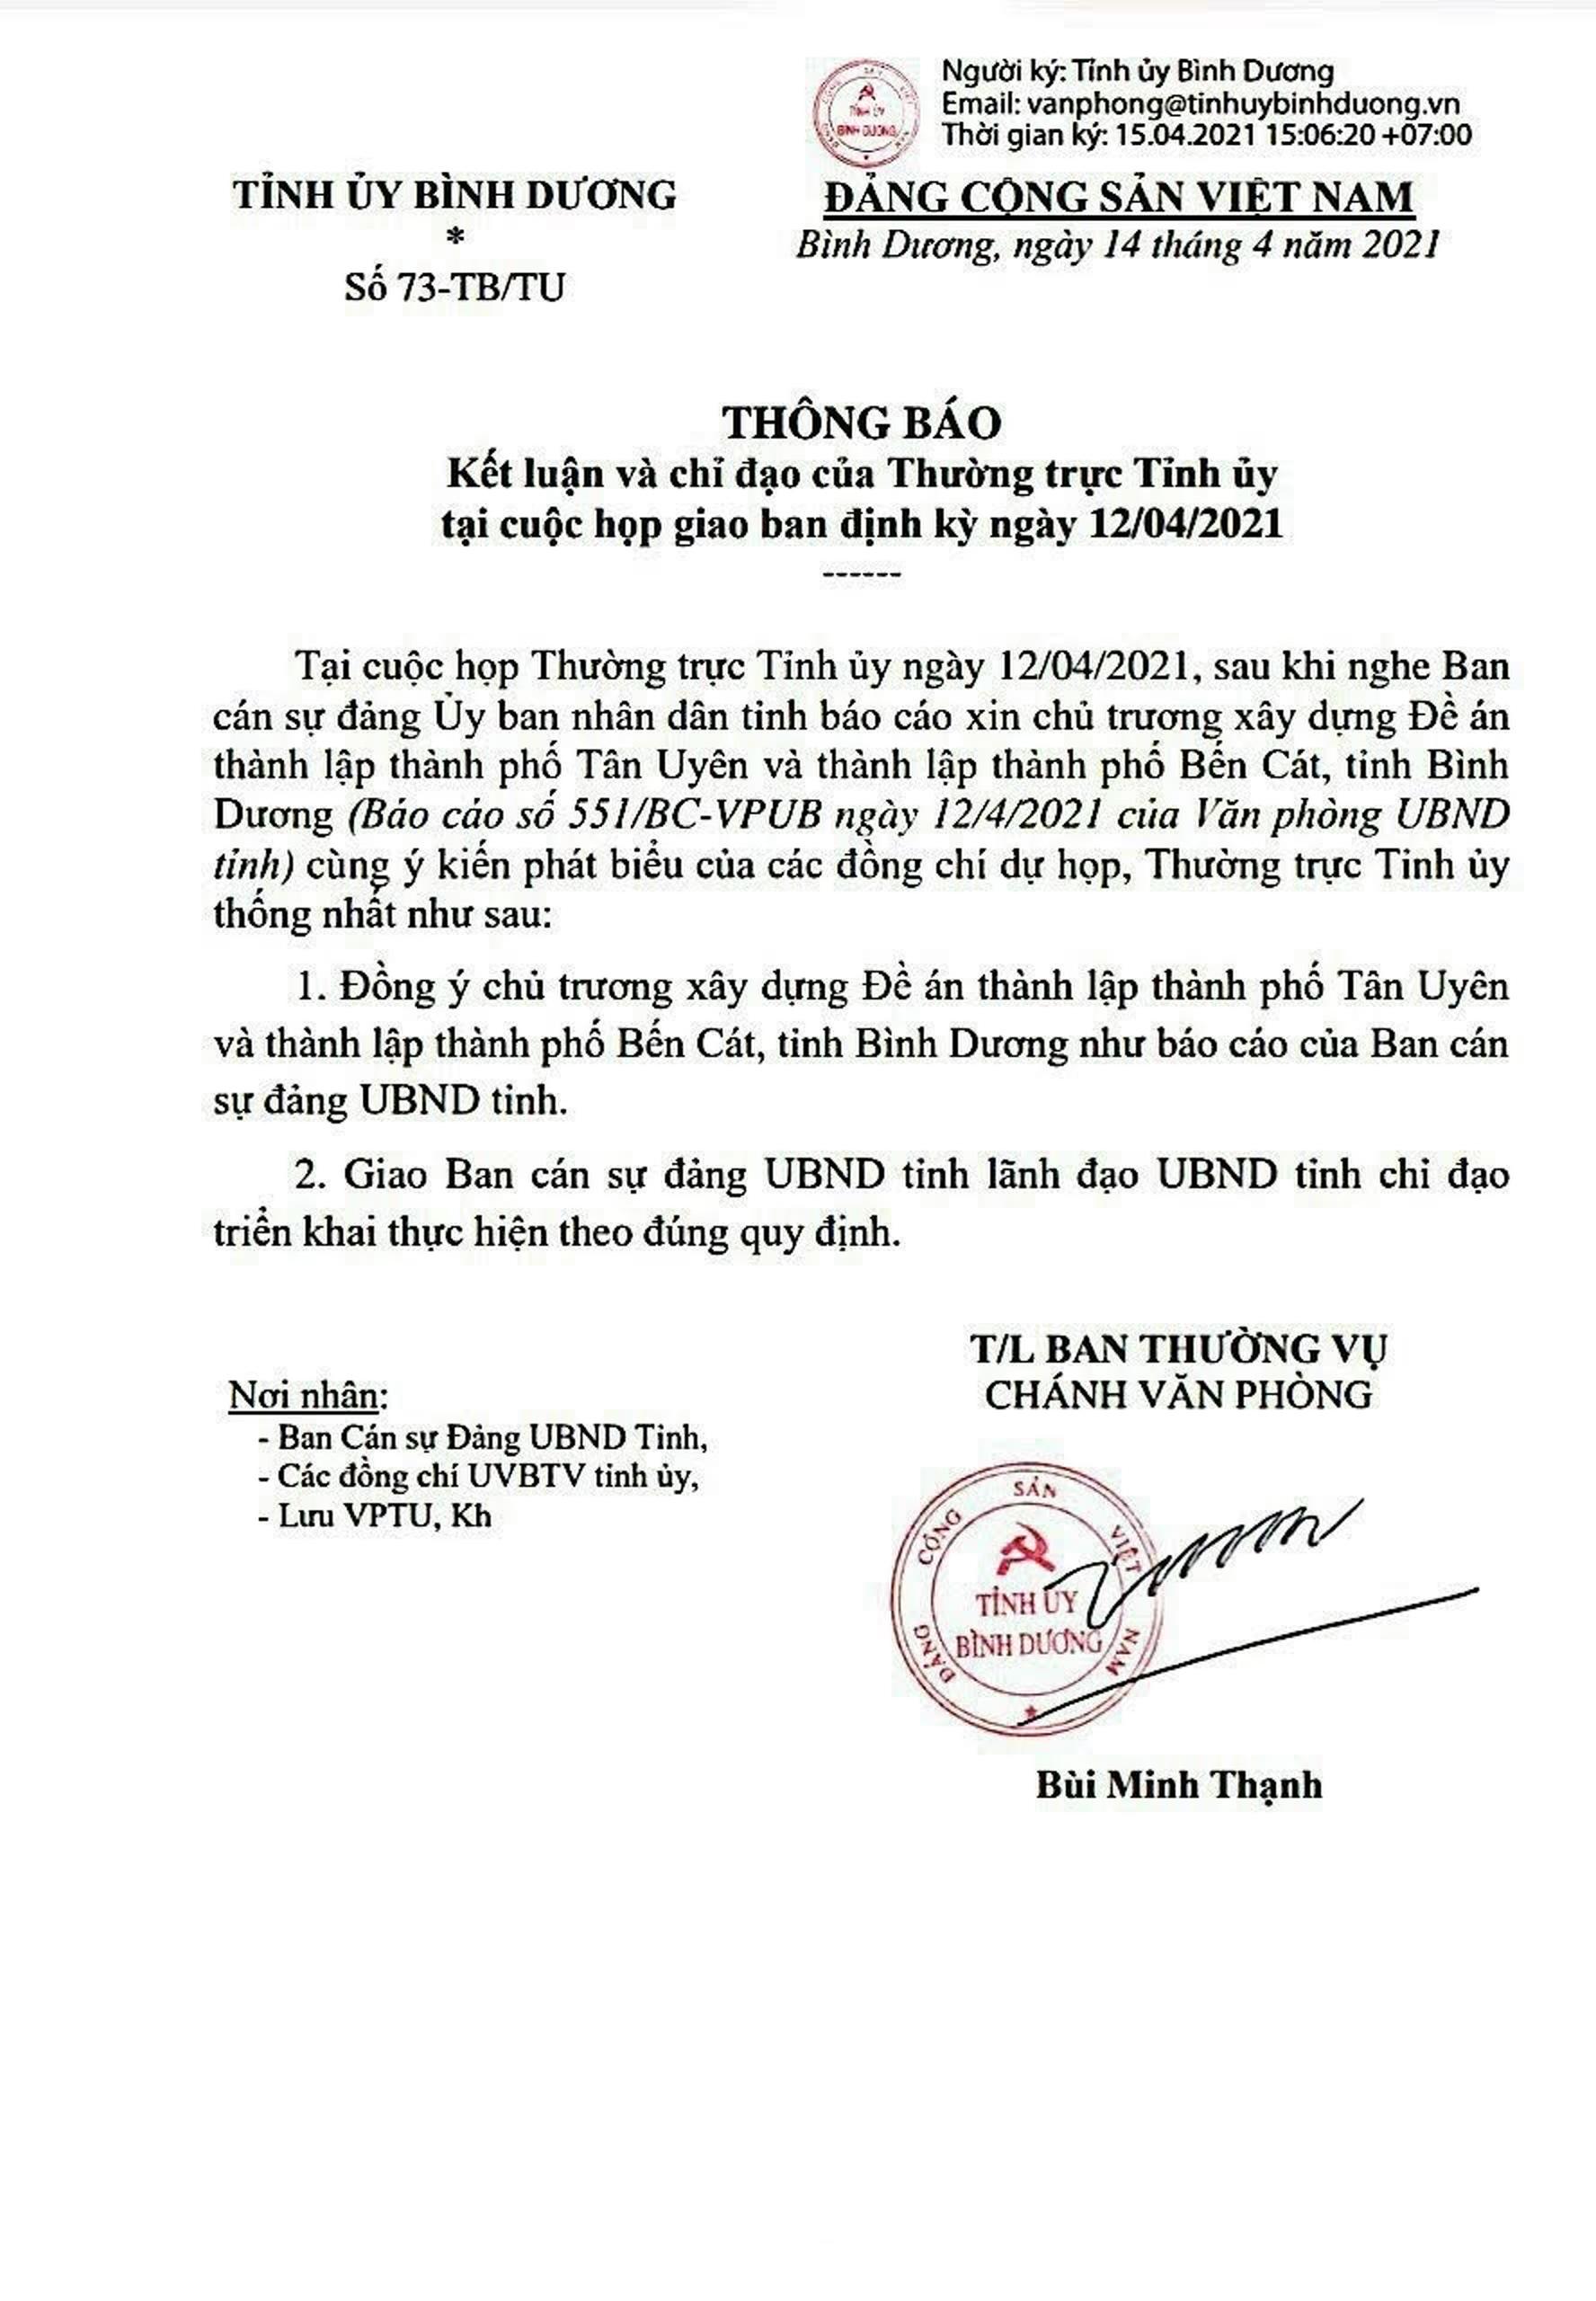 Quyết Định thành lập thành phố Tân Uyên